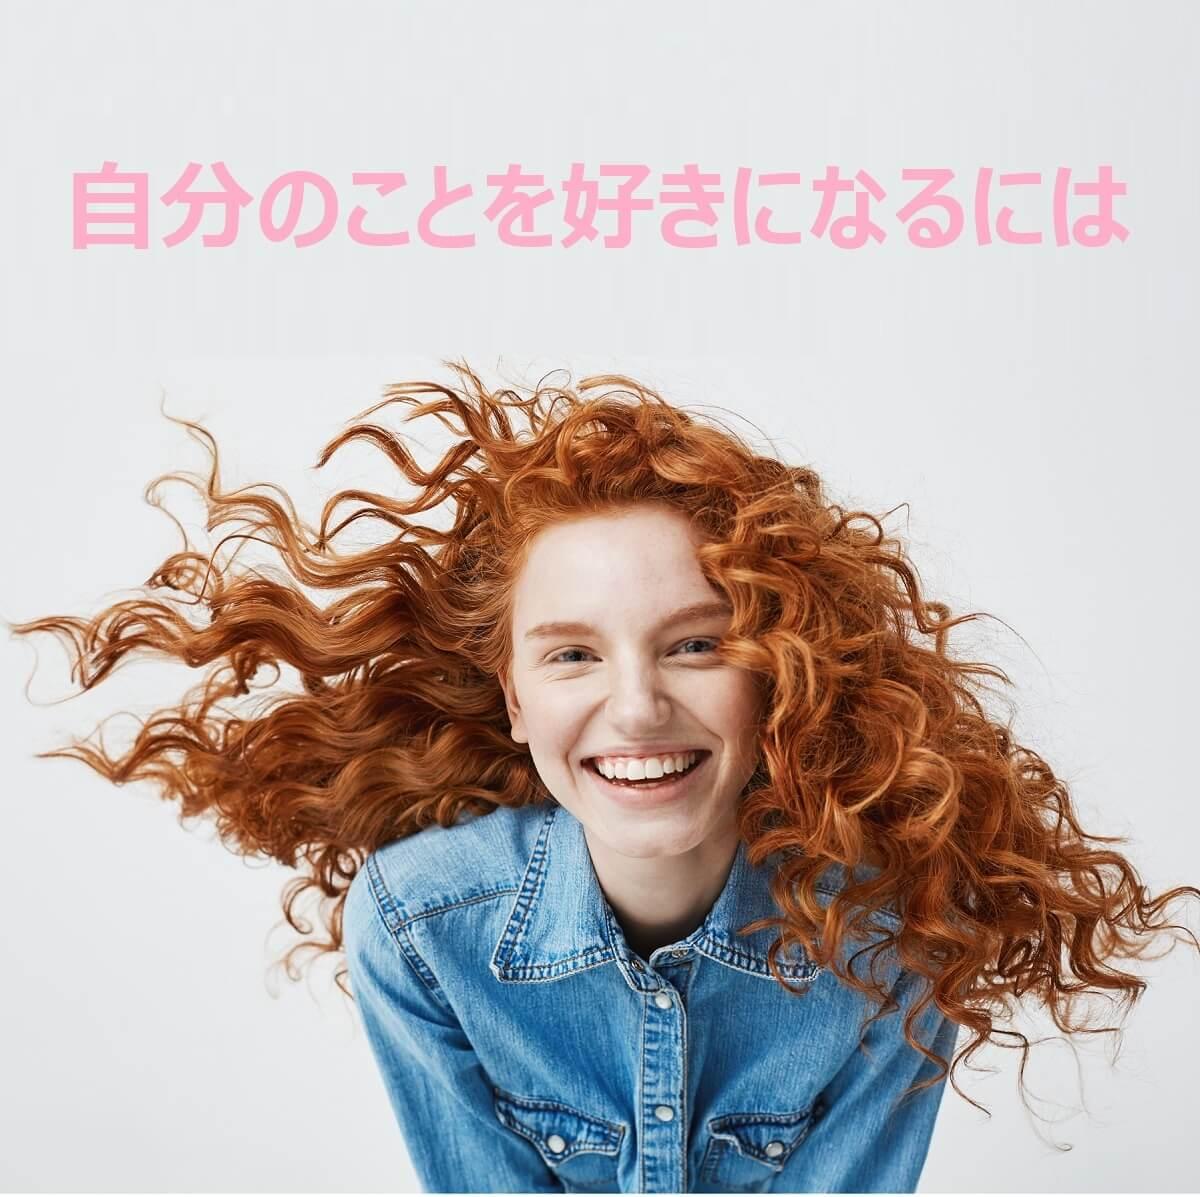 笑顔の女性。